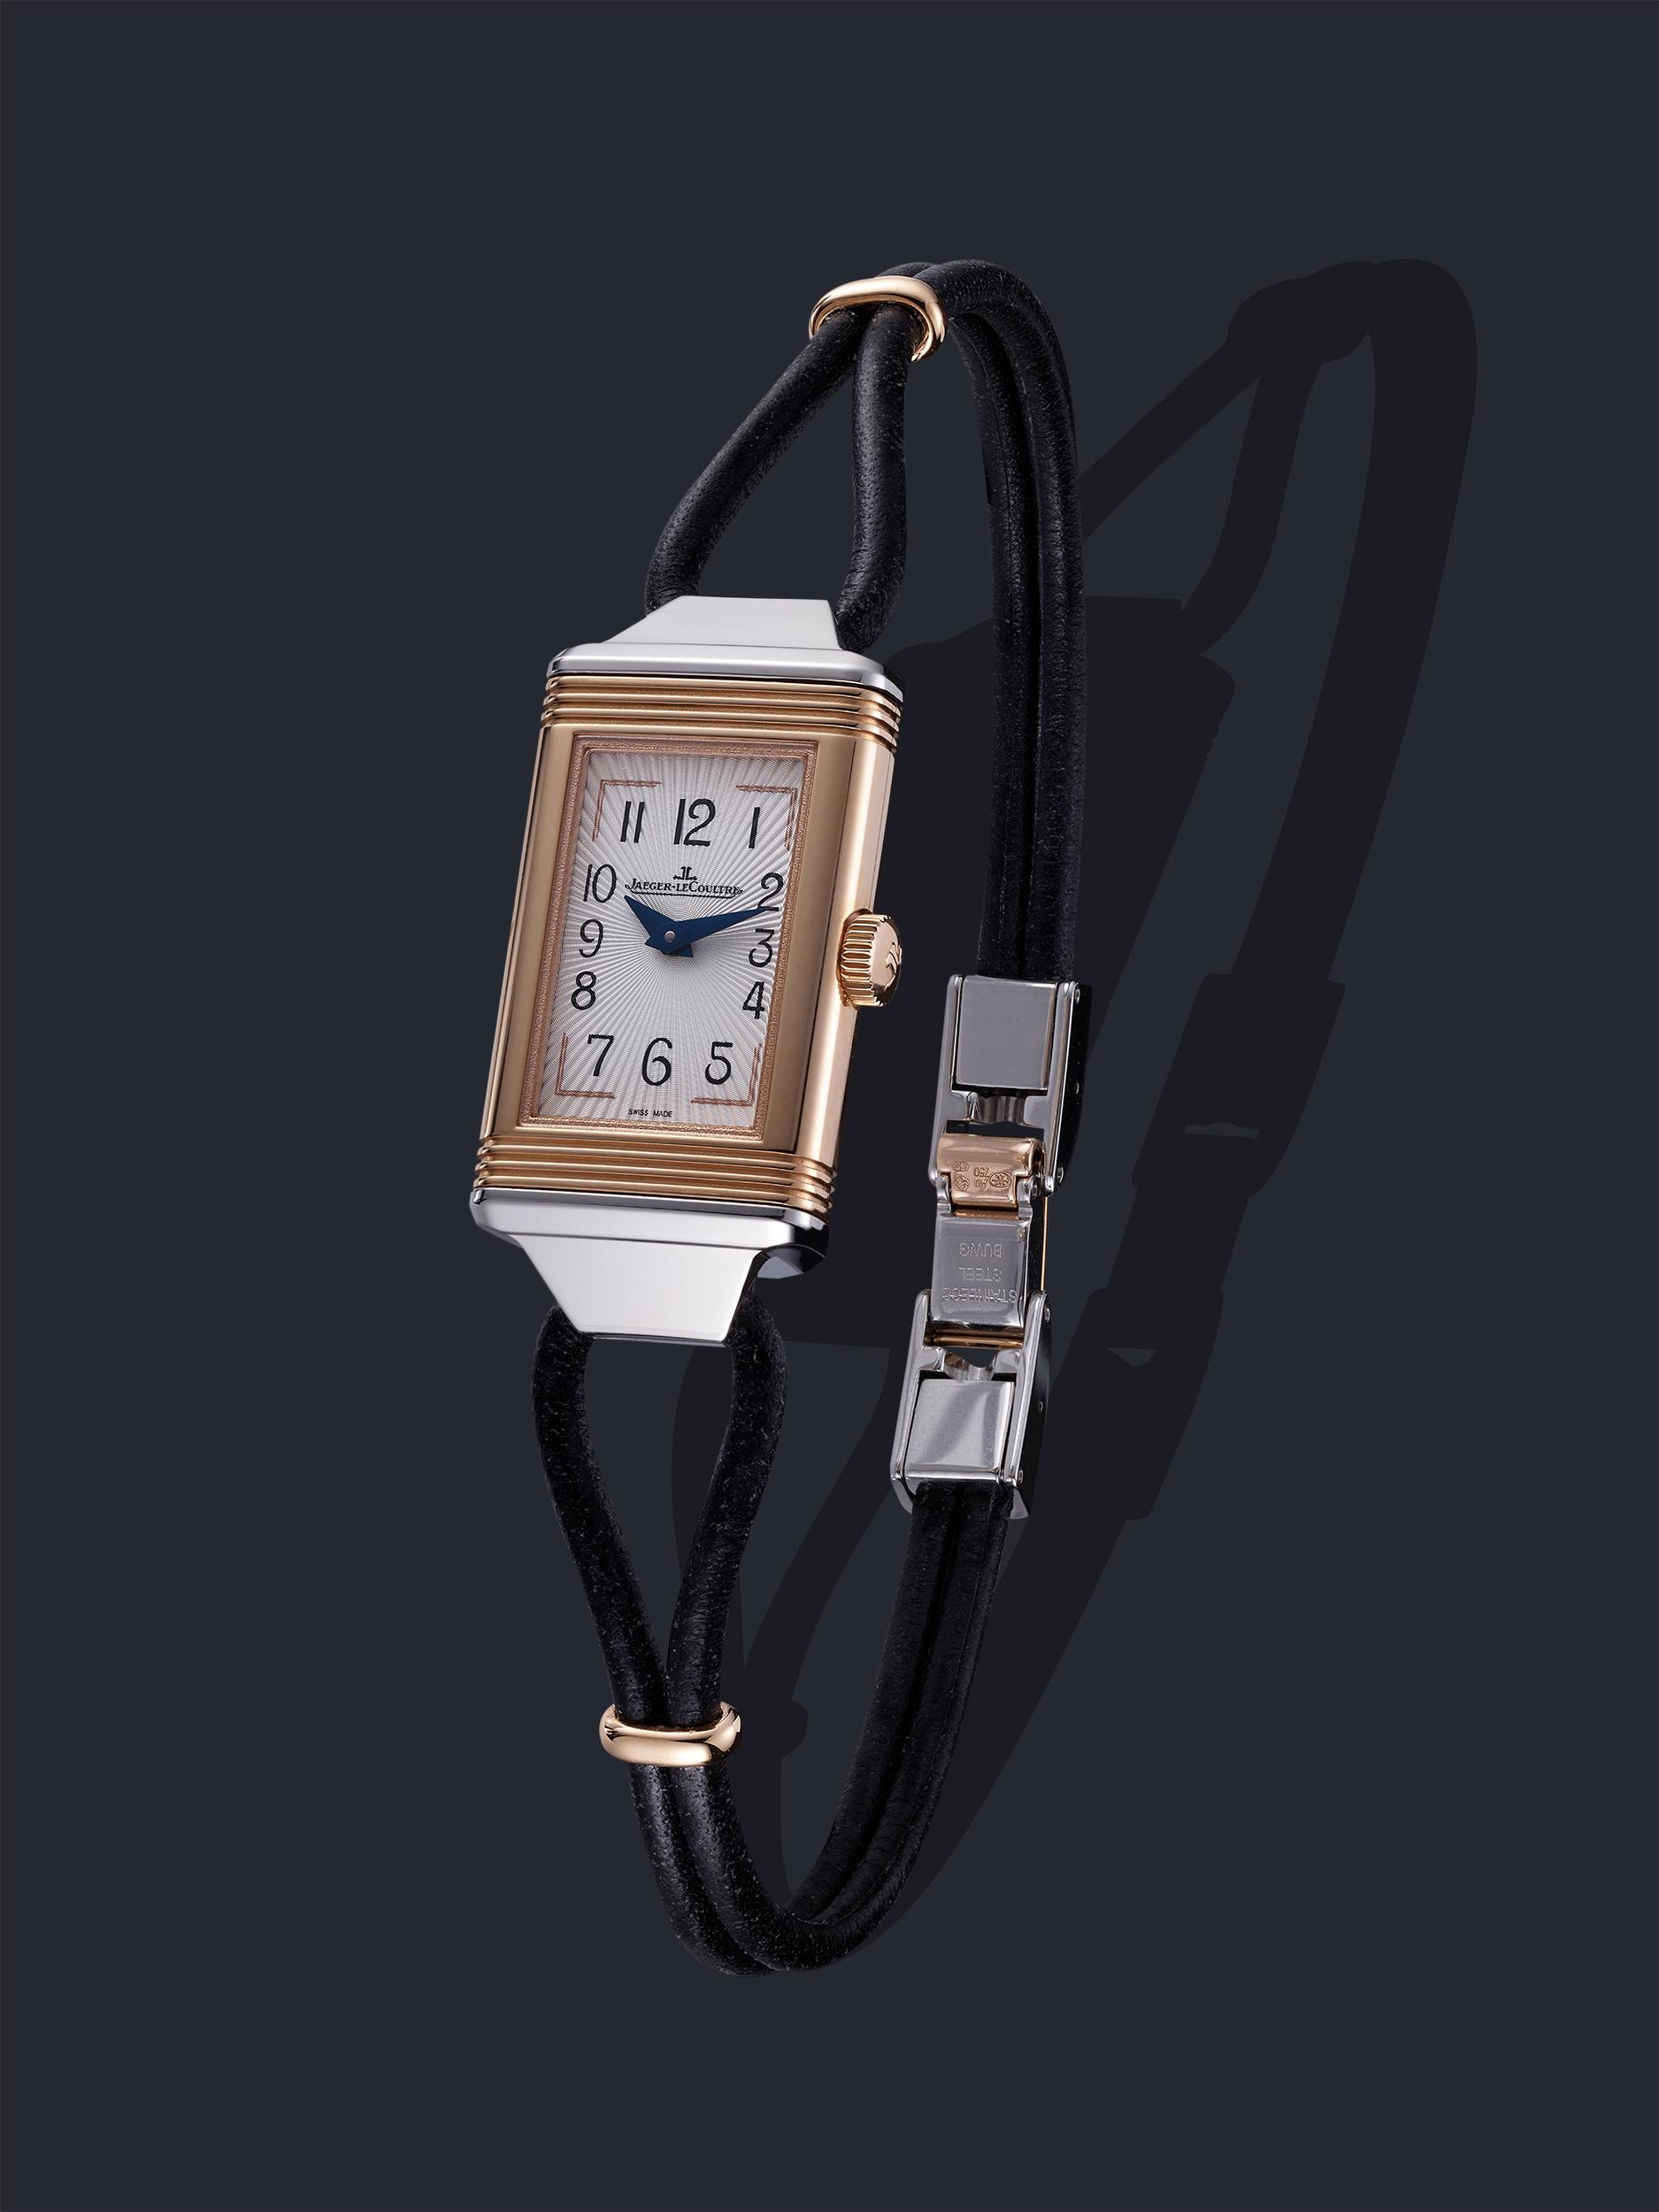 photographie de montres de luxe Jaeger femme